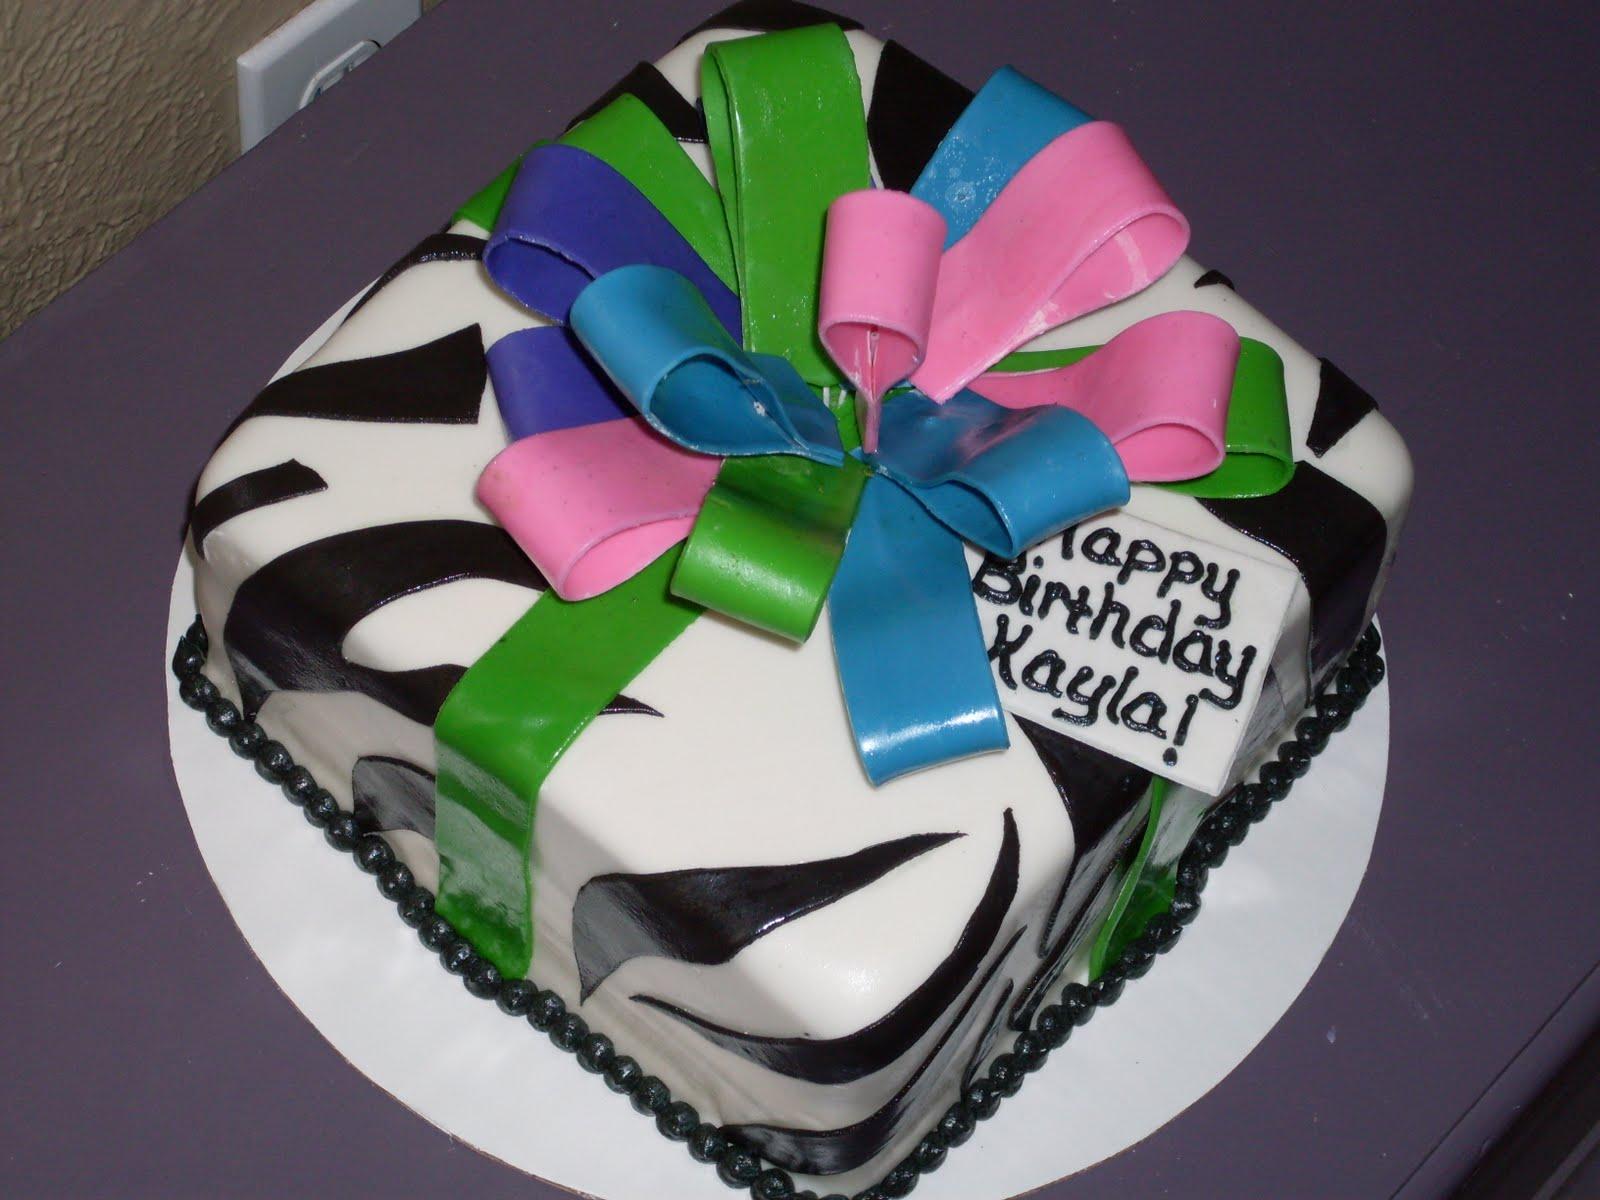 Happy Birthday Rod Cake